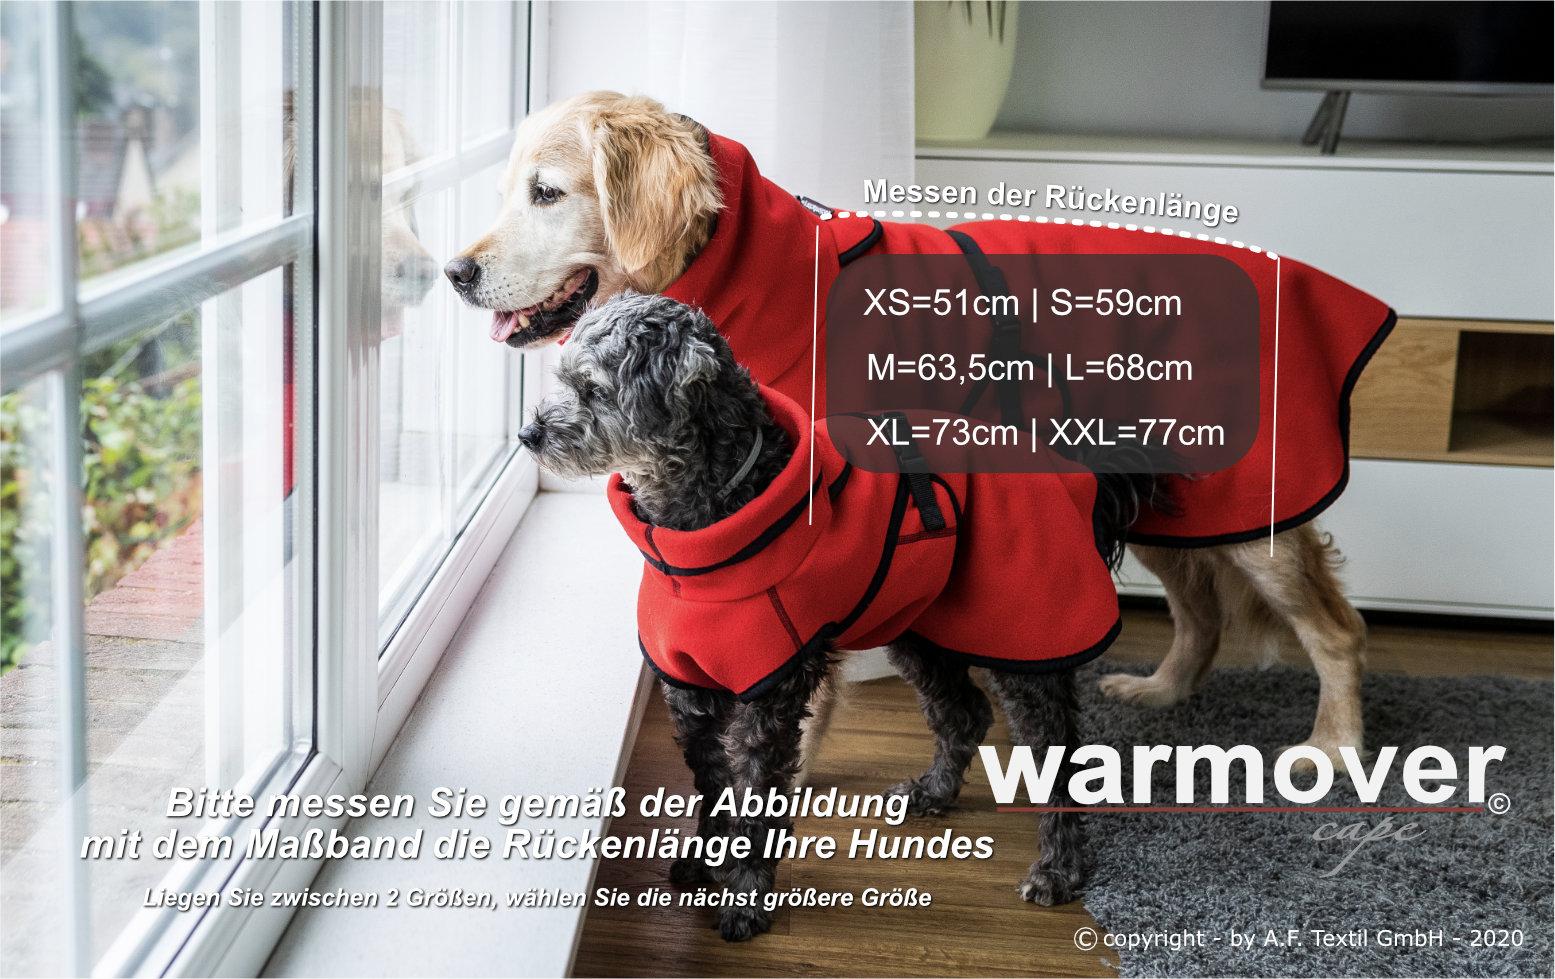 warmover-cape-gr-ssenfindung-deutsch